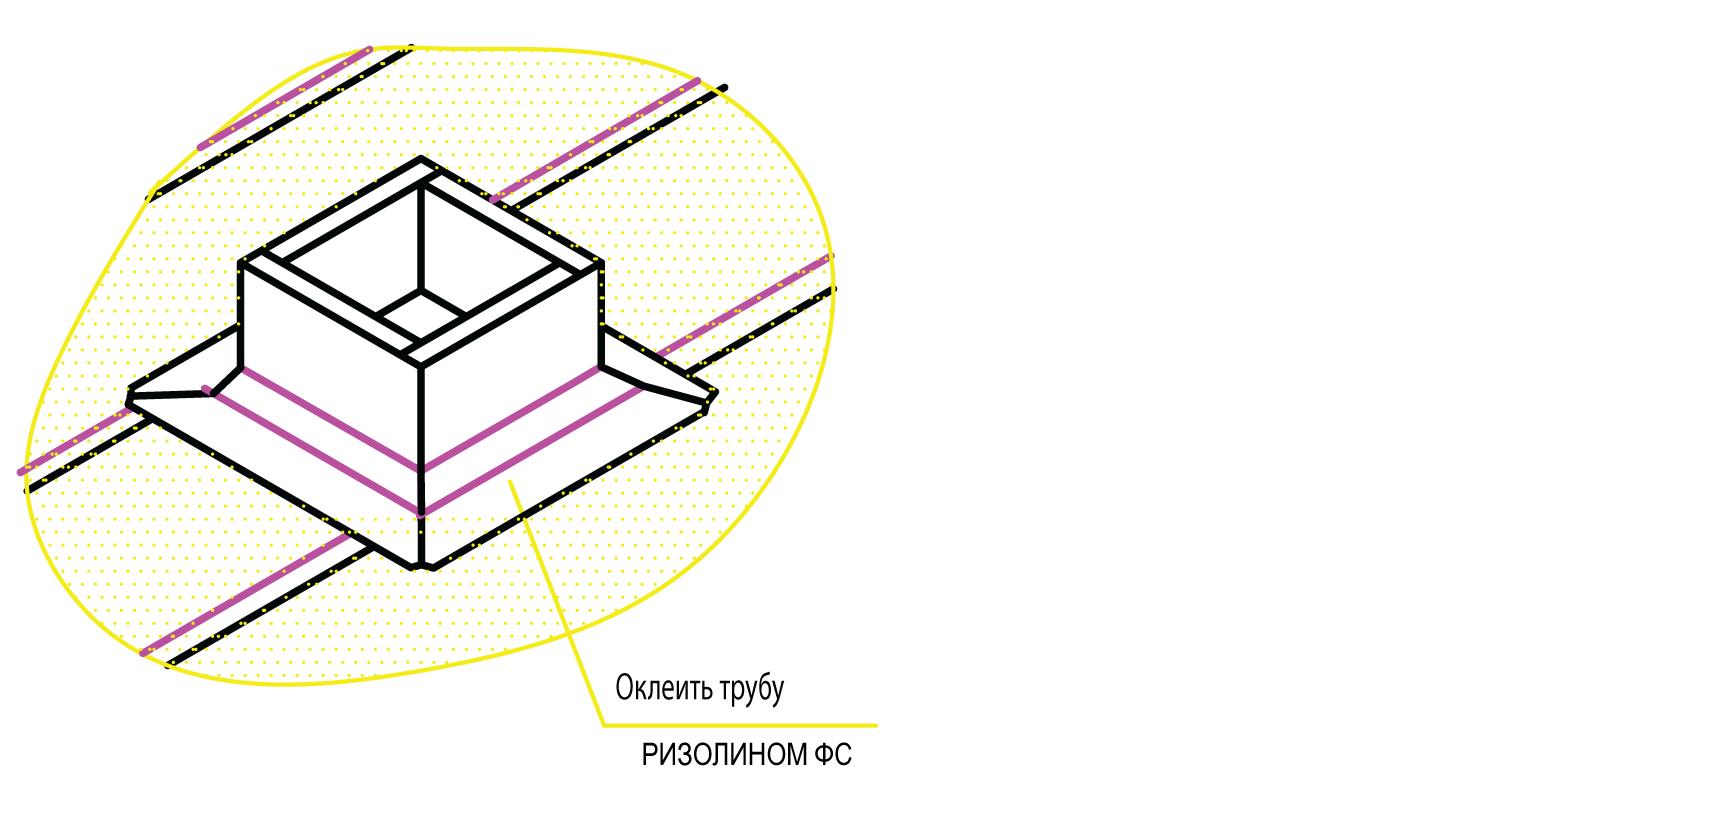 Руководство по устройству и ремонту мягкой кровли из самоклеящегося рулонного гидроизоляционного и кровельного материала «Ризолин» - фото 16